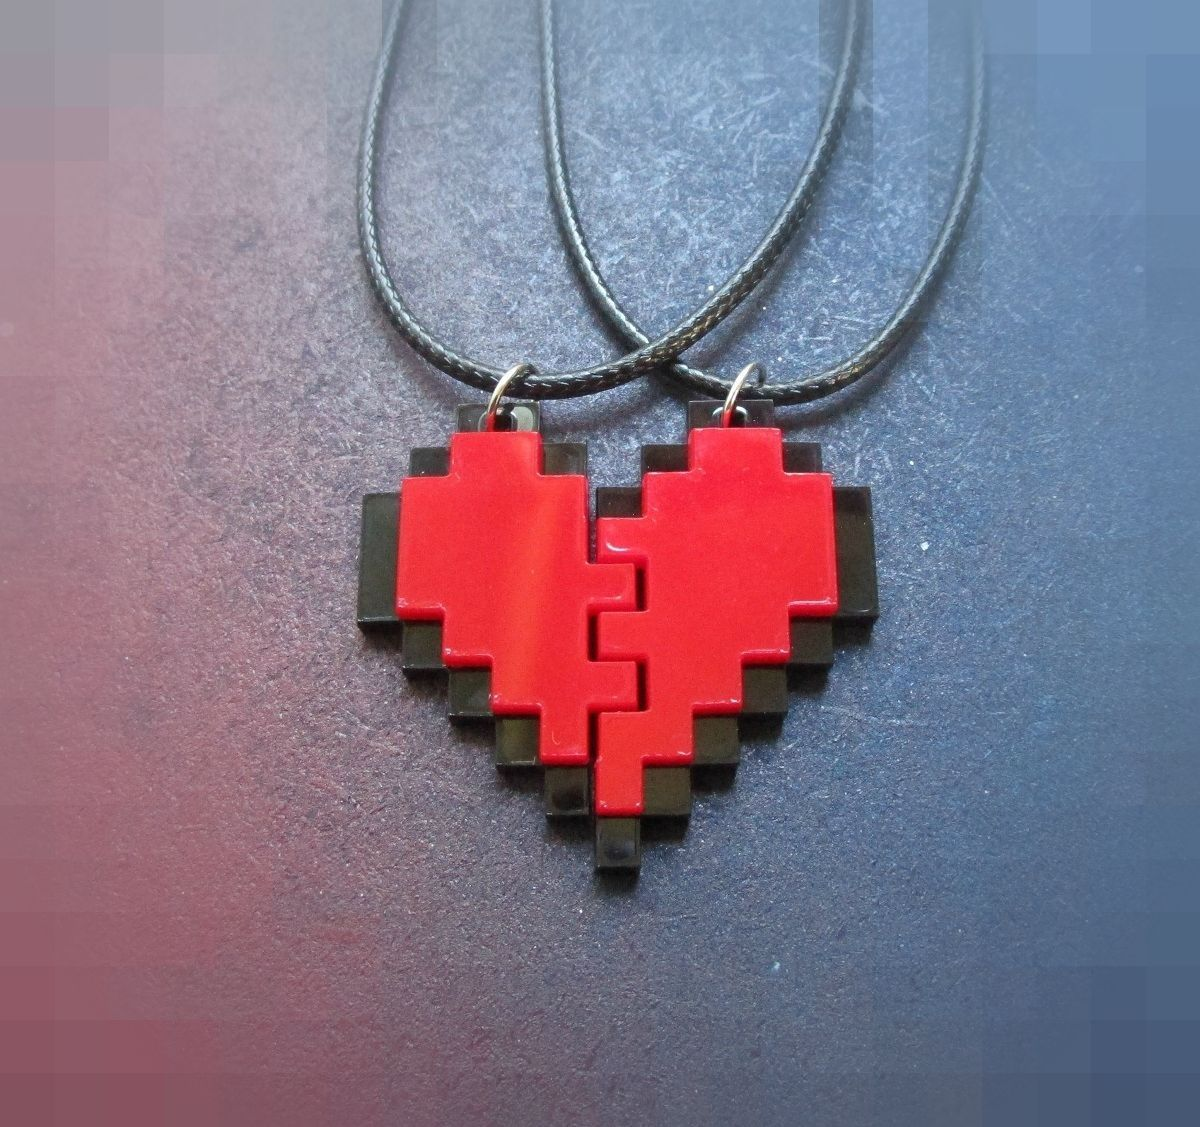 Bff Heart Necklaces Friendship Pixel Heart Set Of 2 Necklace Best Friends Gift Lego Necklace Bff Necklaces Broken Heart Bracelet